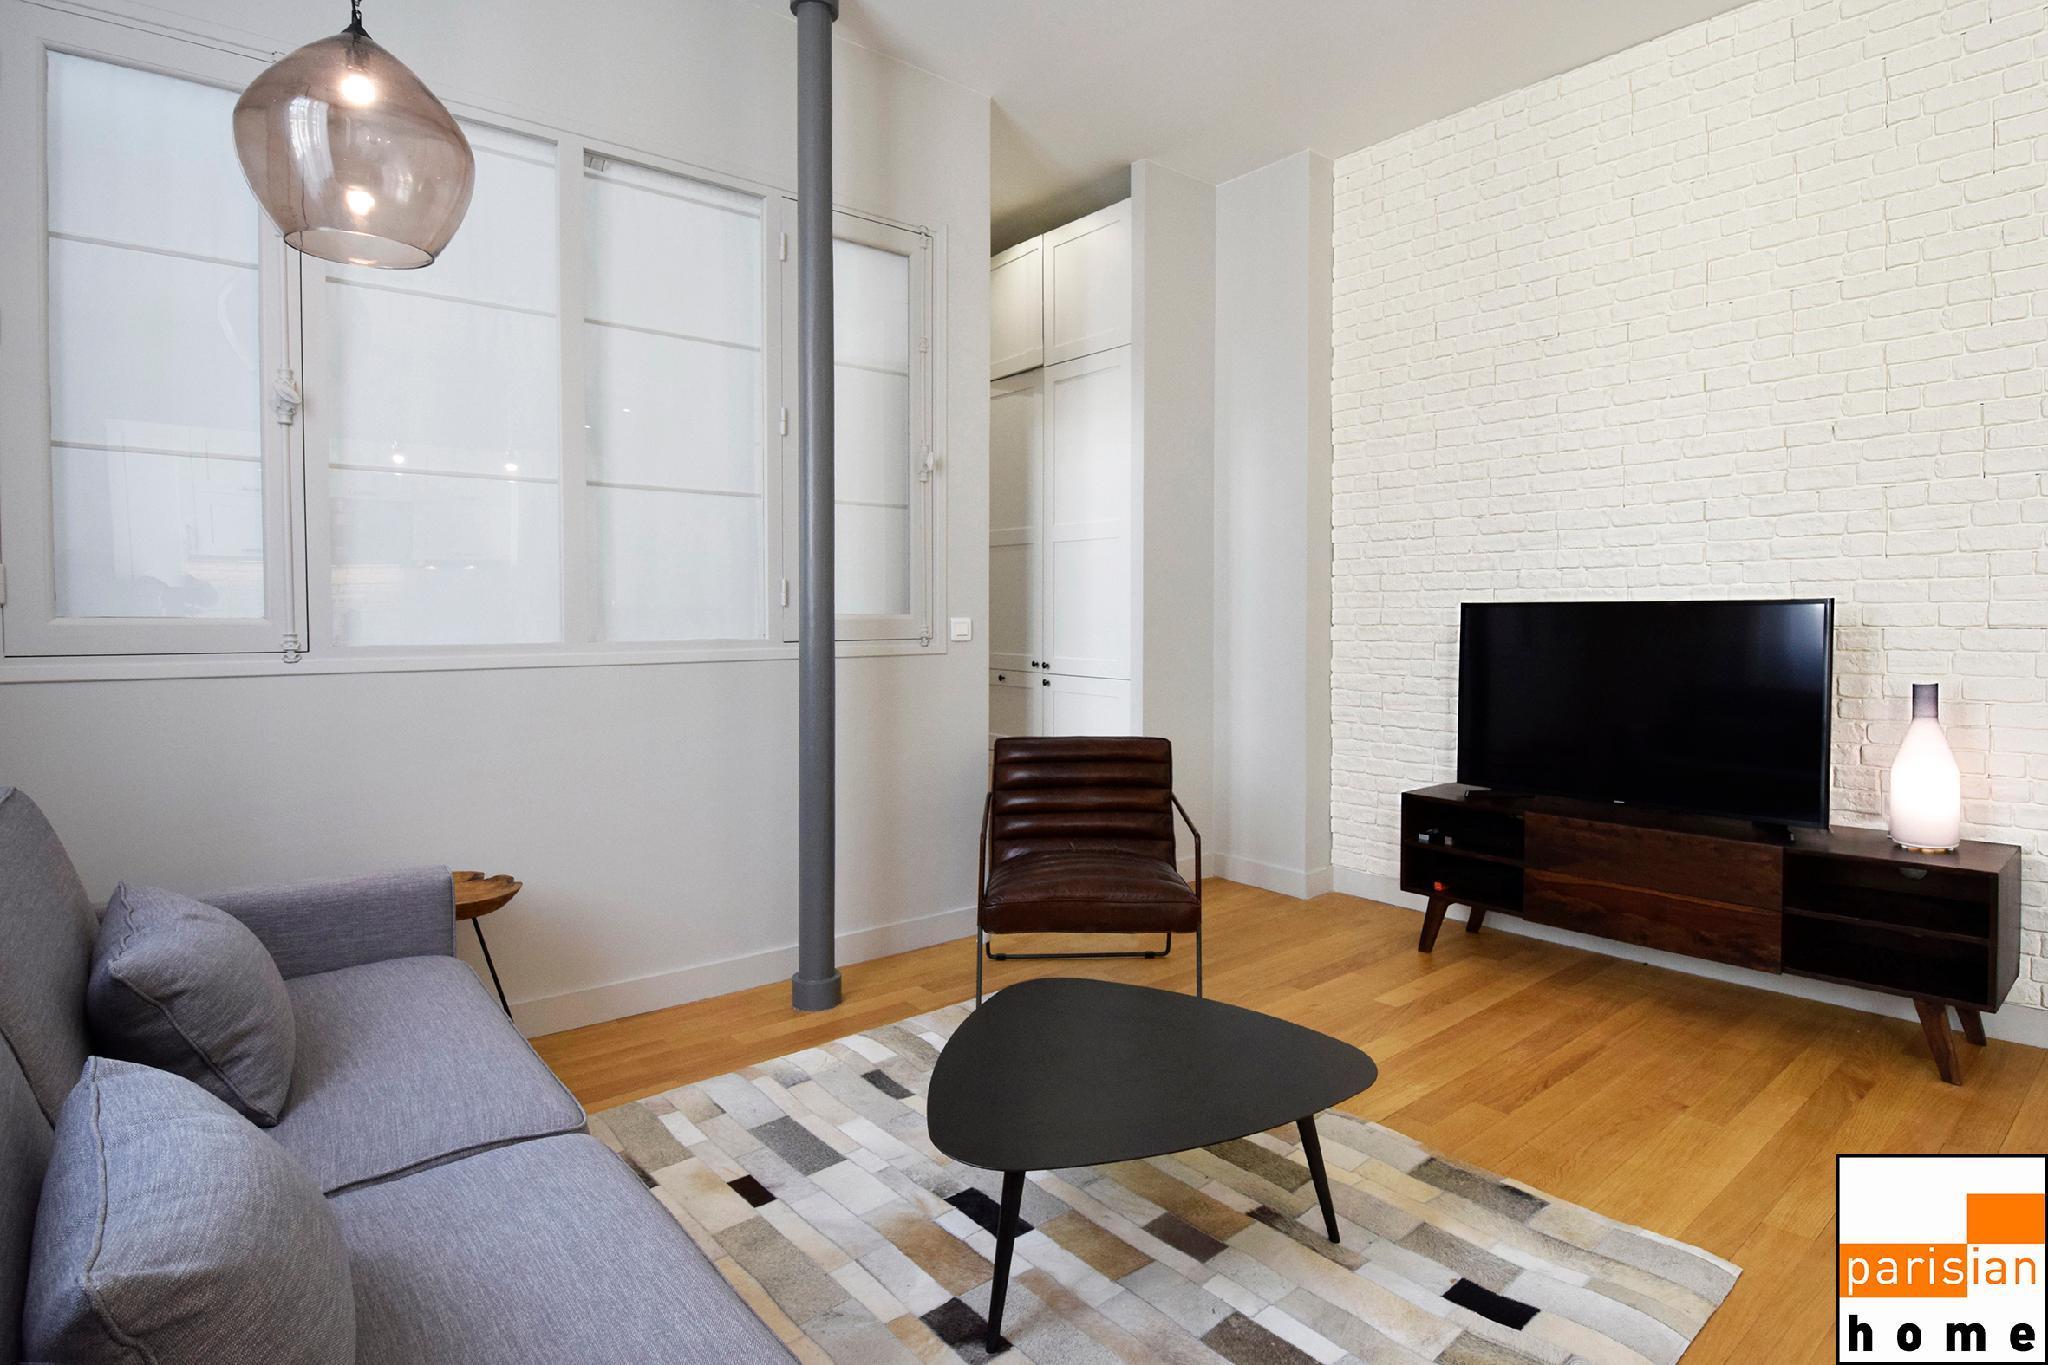 202117 - Appartement 6 personnes à Paris